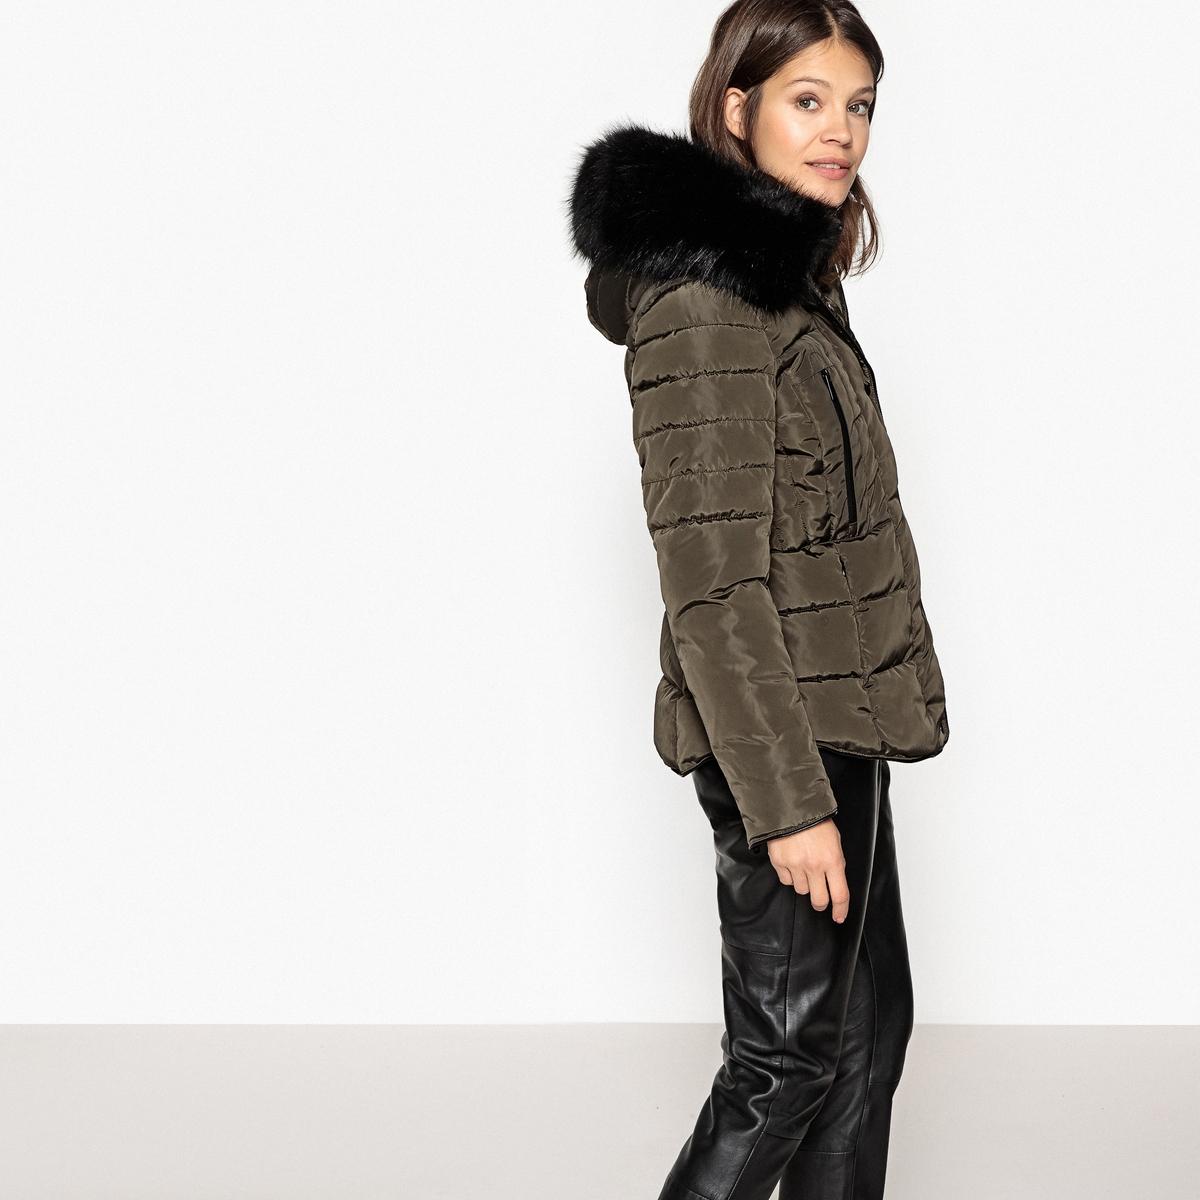 Куртка стеганая короткая с капюшономОписание:Короткая и теплая стеганая куртка OR60H17 MOLLY BRACKEN. Капюшон со съемным искусственным мехом. Стоячий воротник отлично защищает от холода . Карманы на молнии.Детали •  Длина  : укороченная •  Воротник-стойка •  Застежка на молнию •  С капюшономСостав и уход •  100% полиэстер •  Следуйте советам по уходу, указанным на этикетке<br><br>Цвет: хаки<br>Размер: M.S